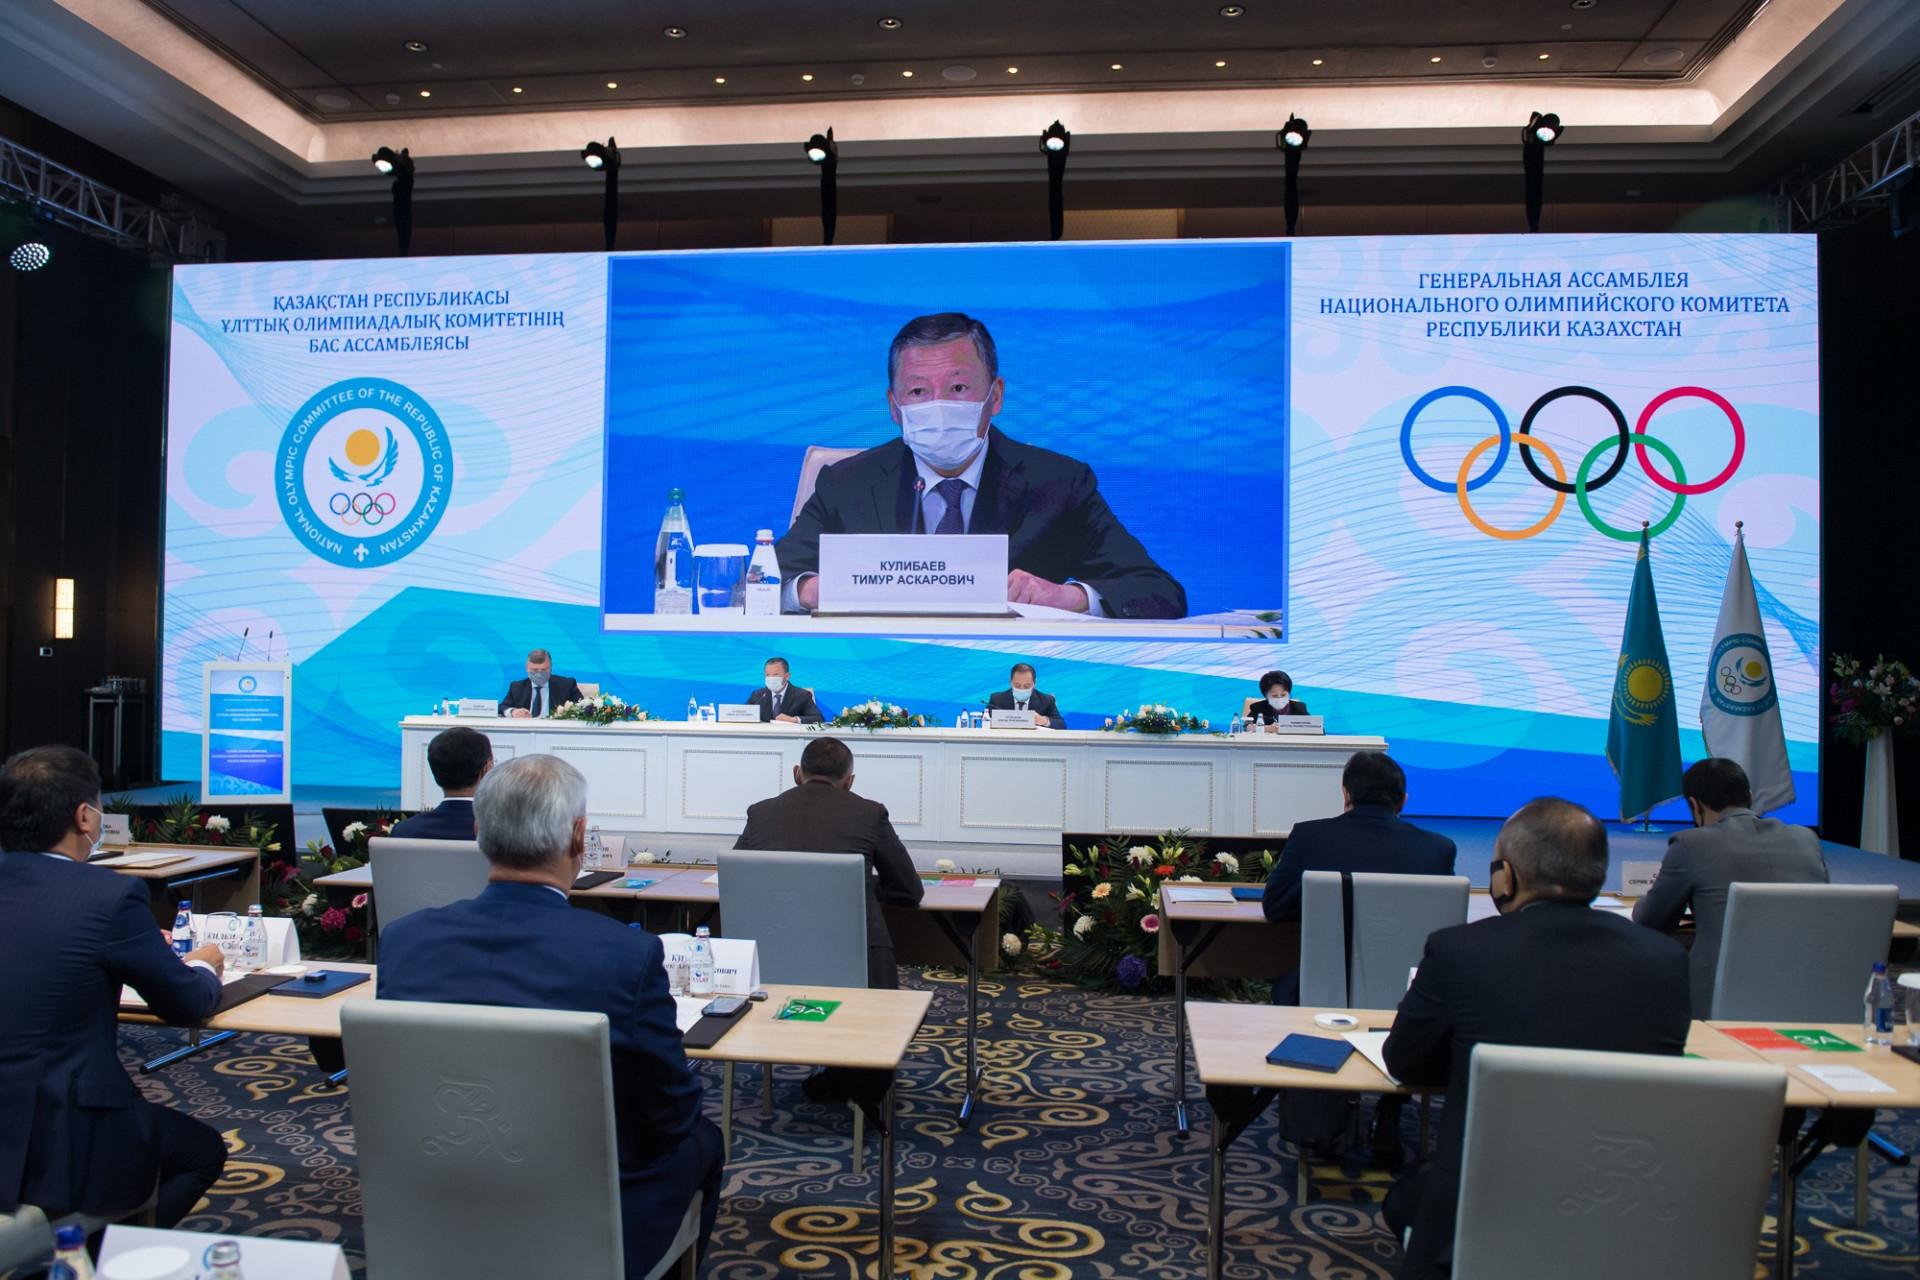 Национальный олимпийский комитет подвел итоги олимпийского цикла